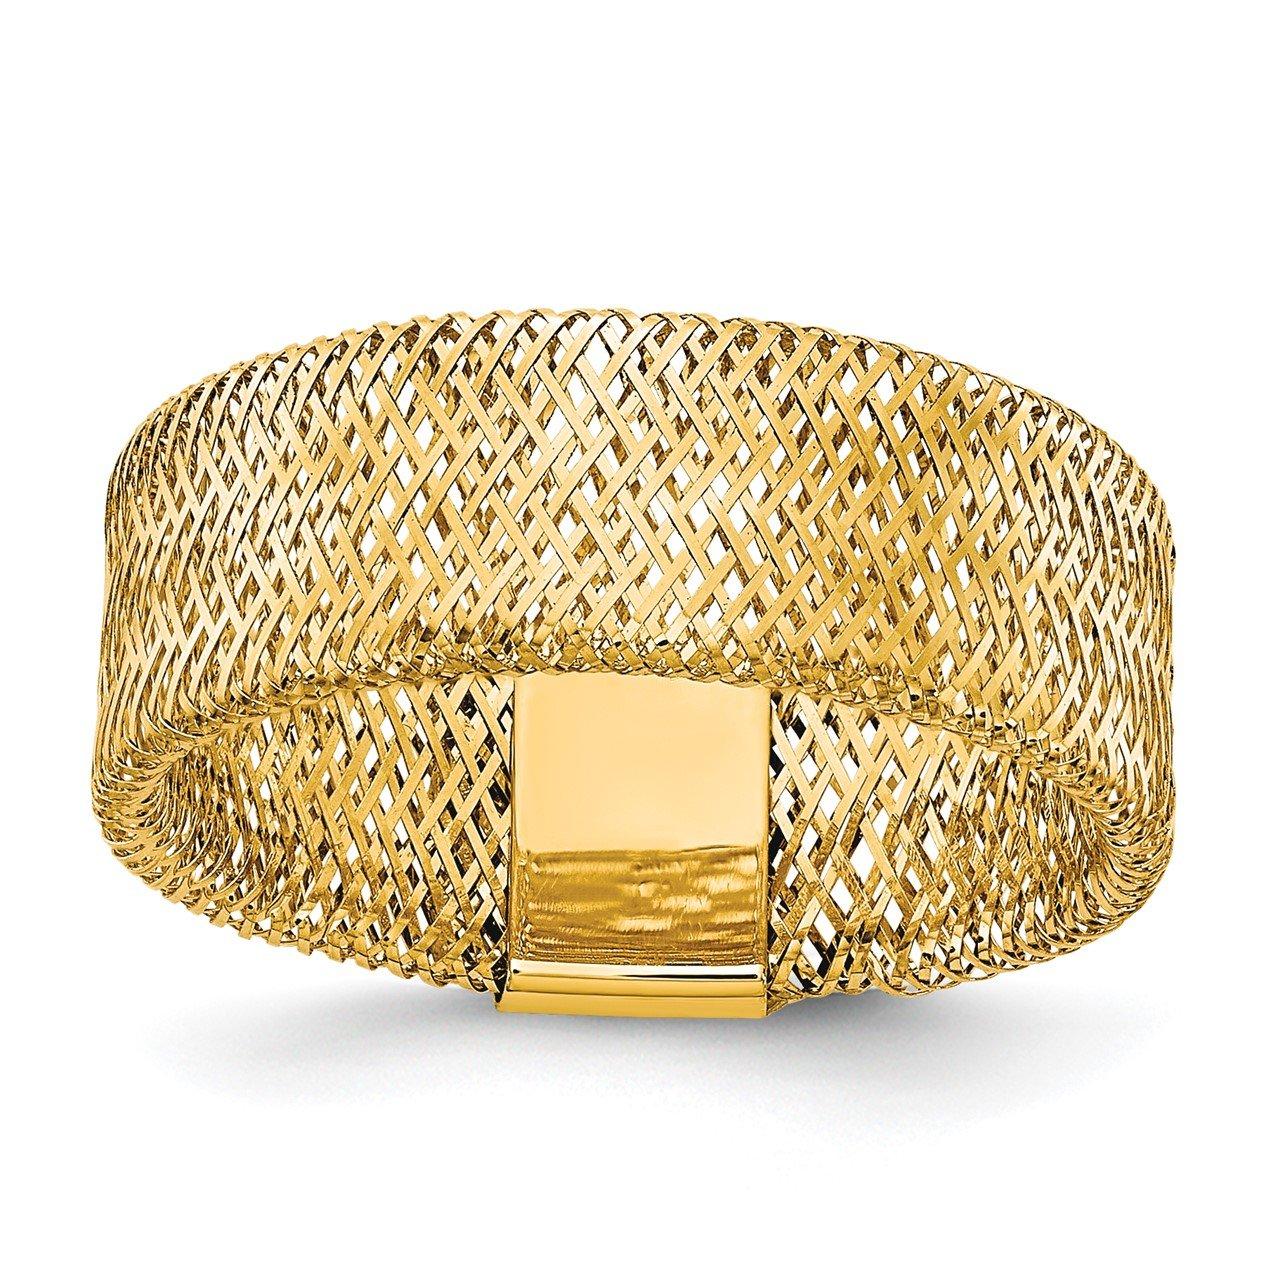 Leslie's 14k Polished/Textured Stretch Ring